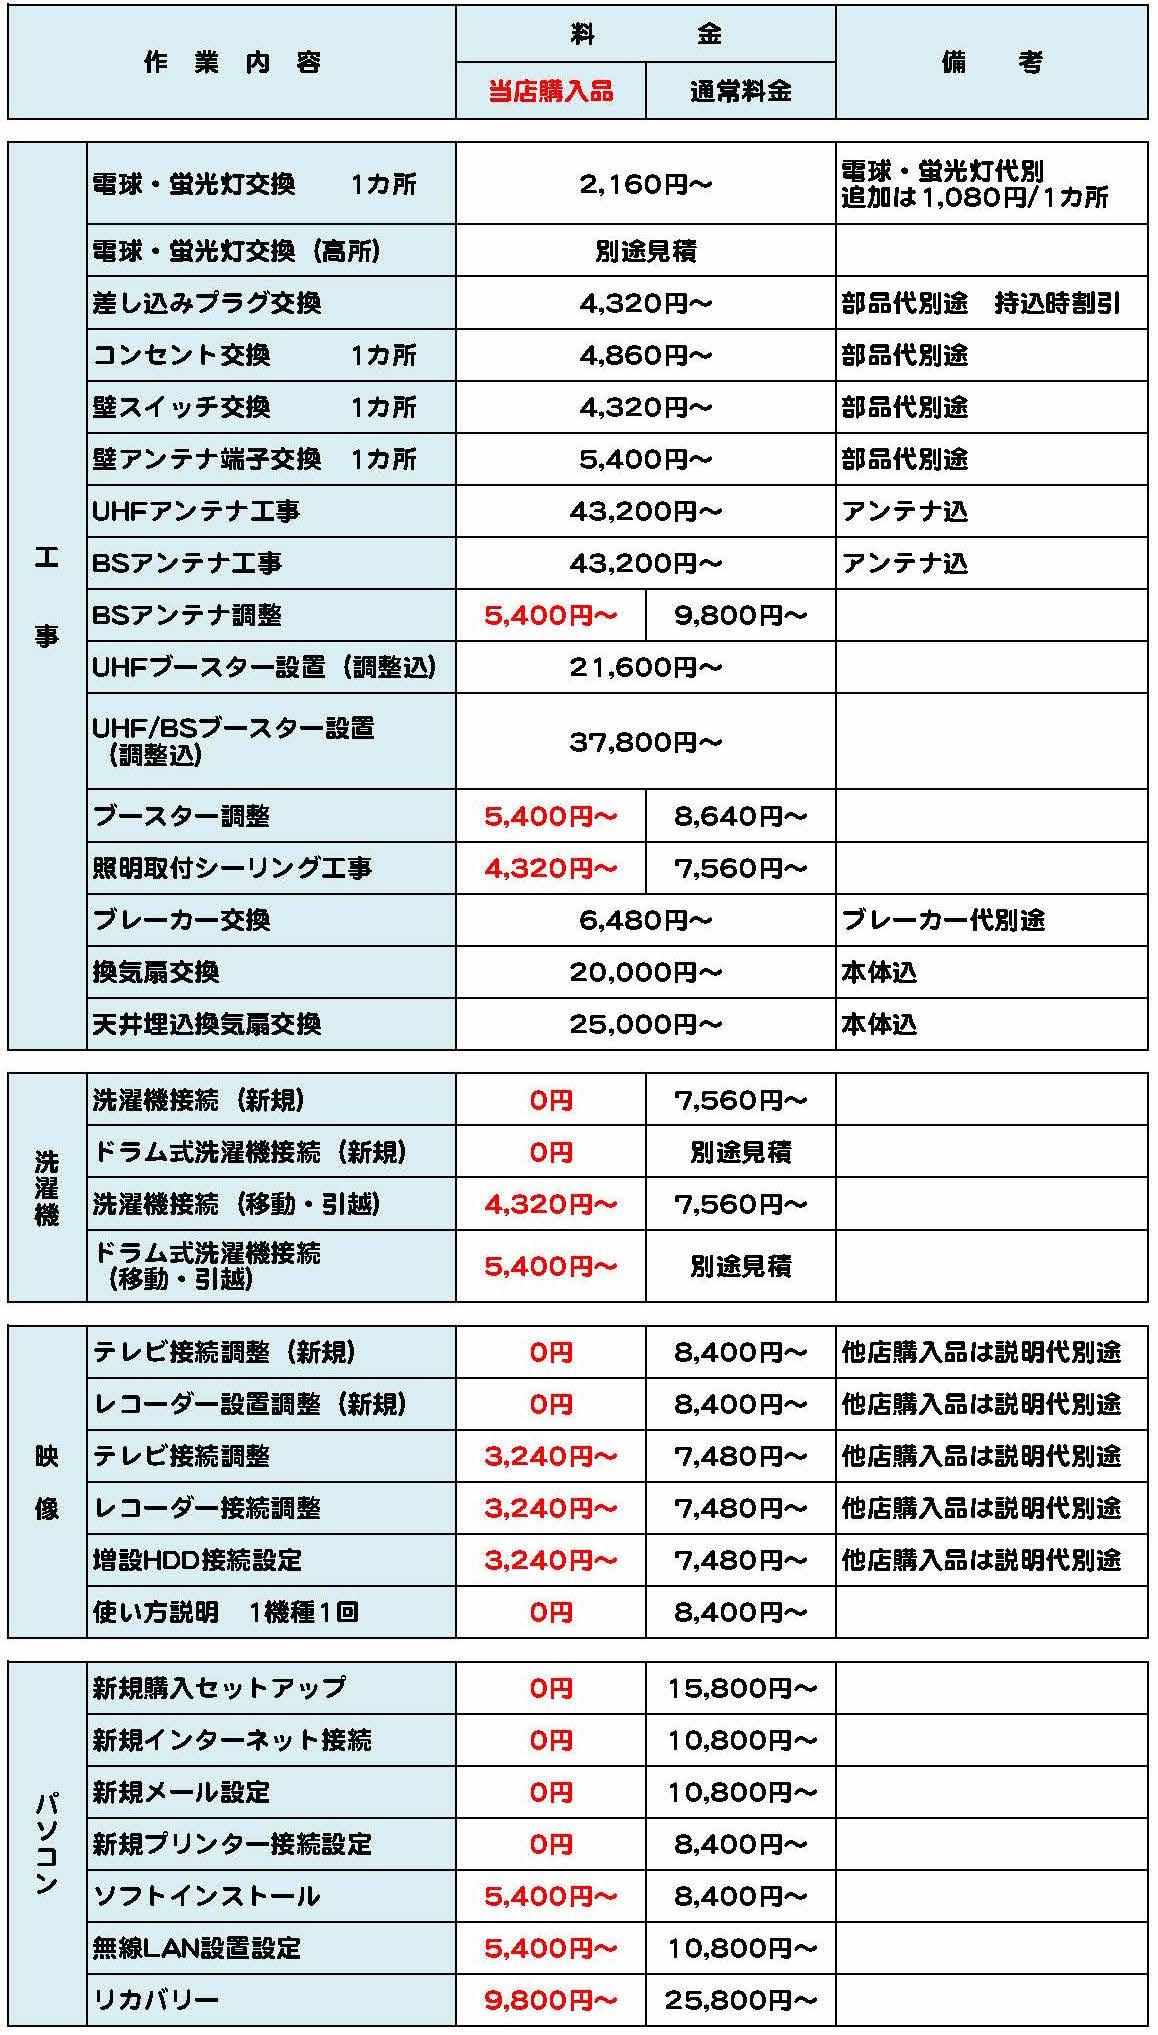 サポート料金 Sheet1